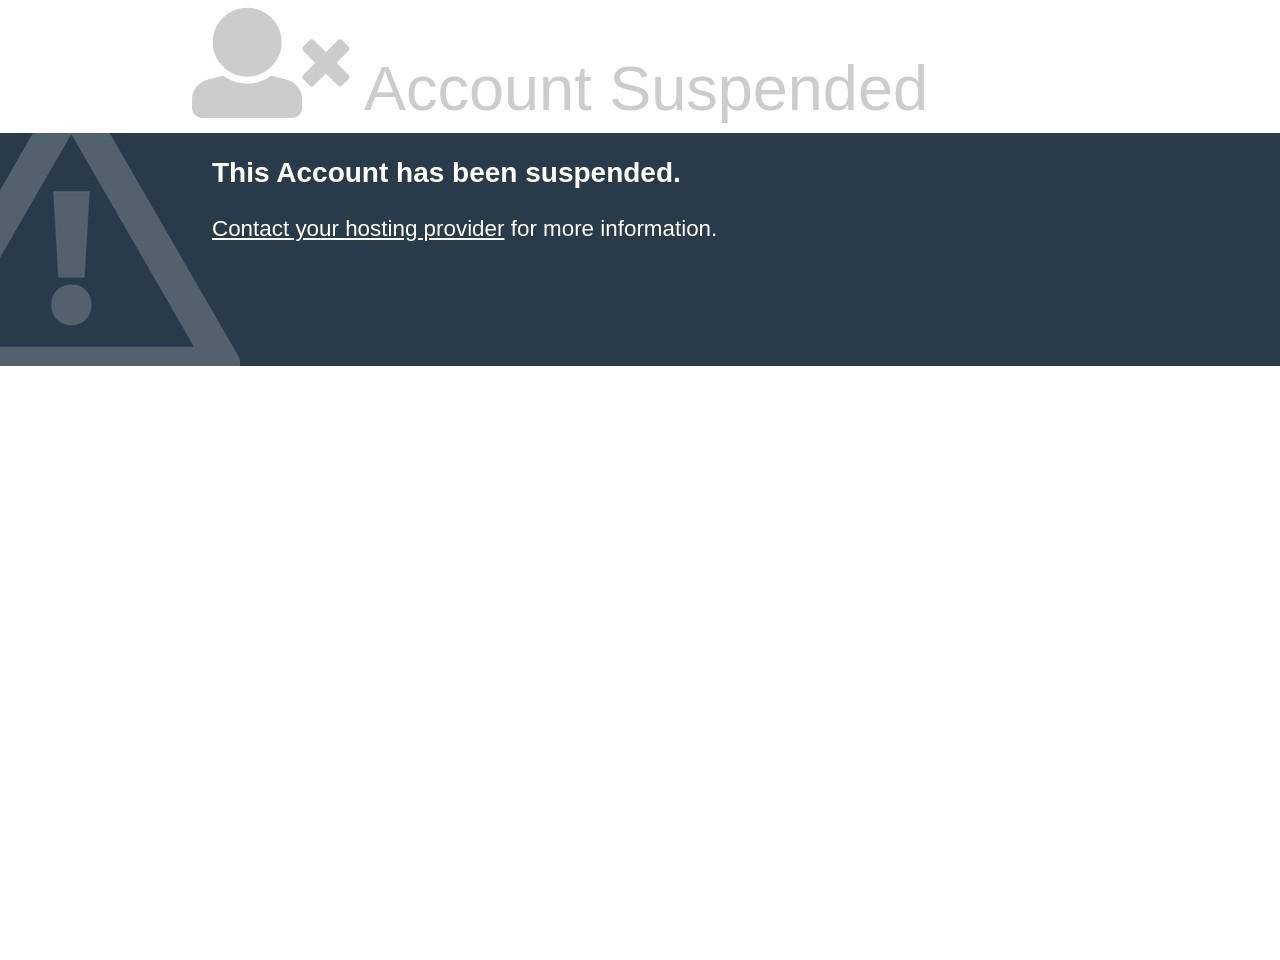 木田朱美税理事務所